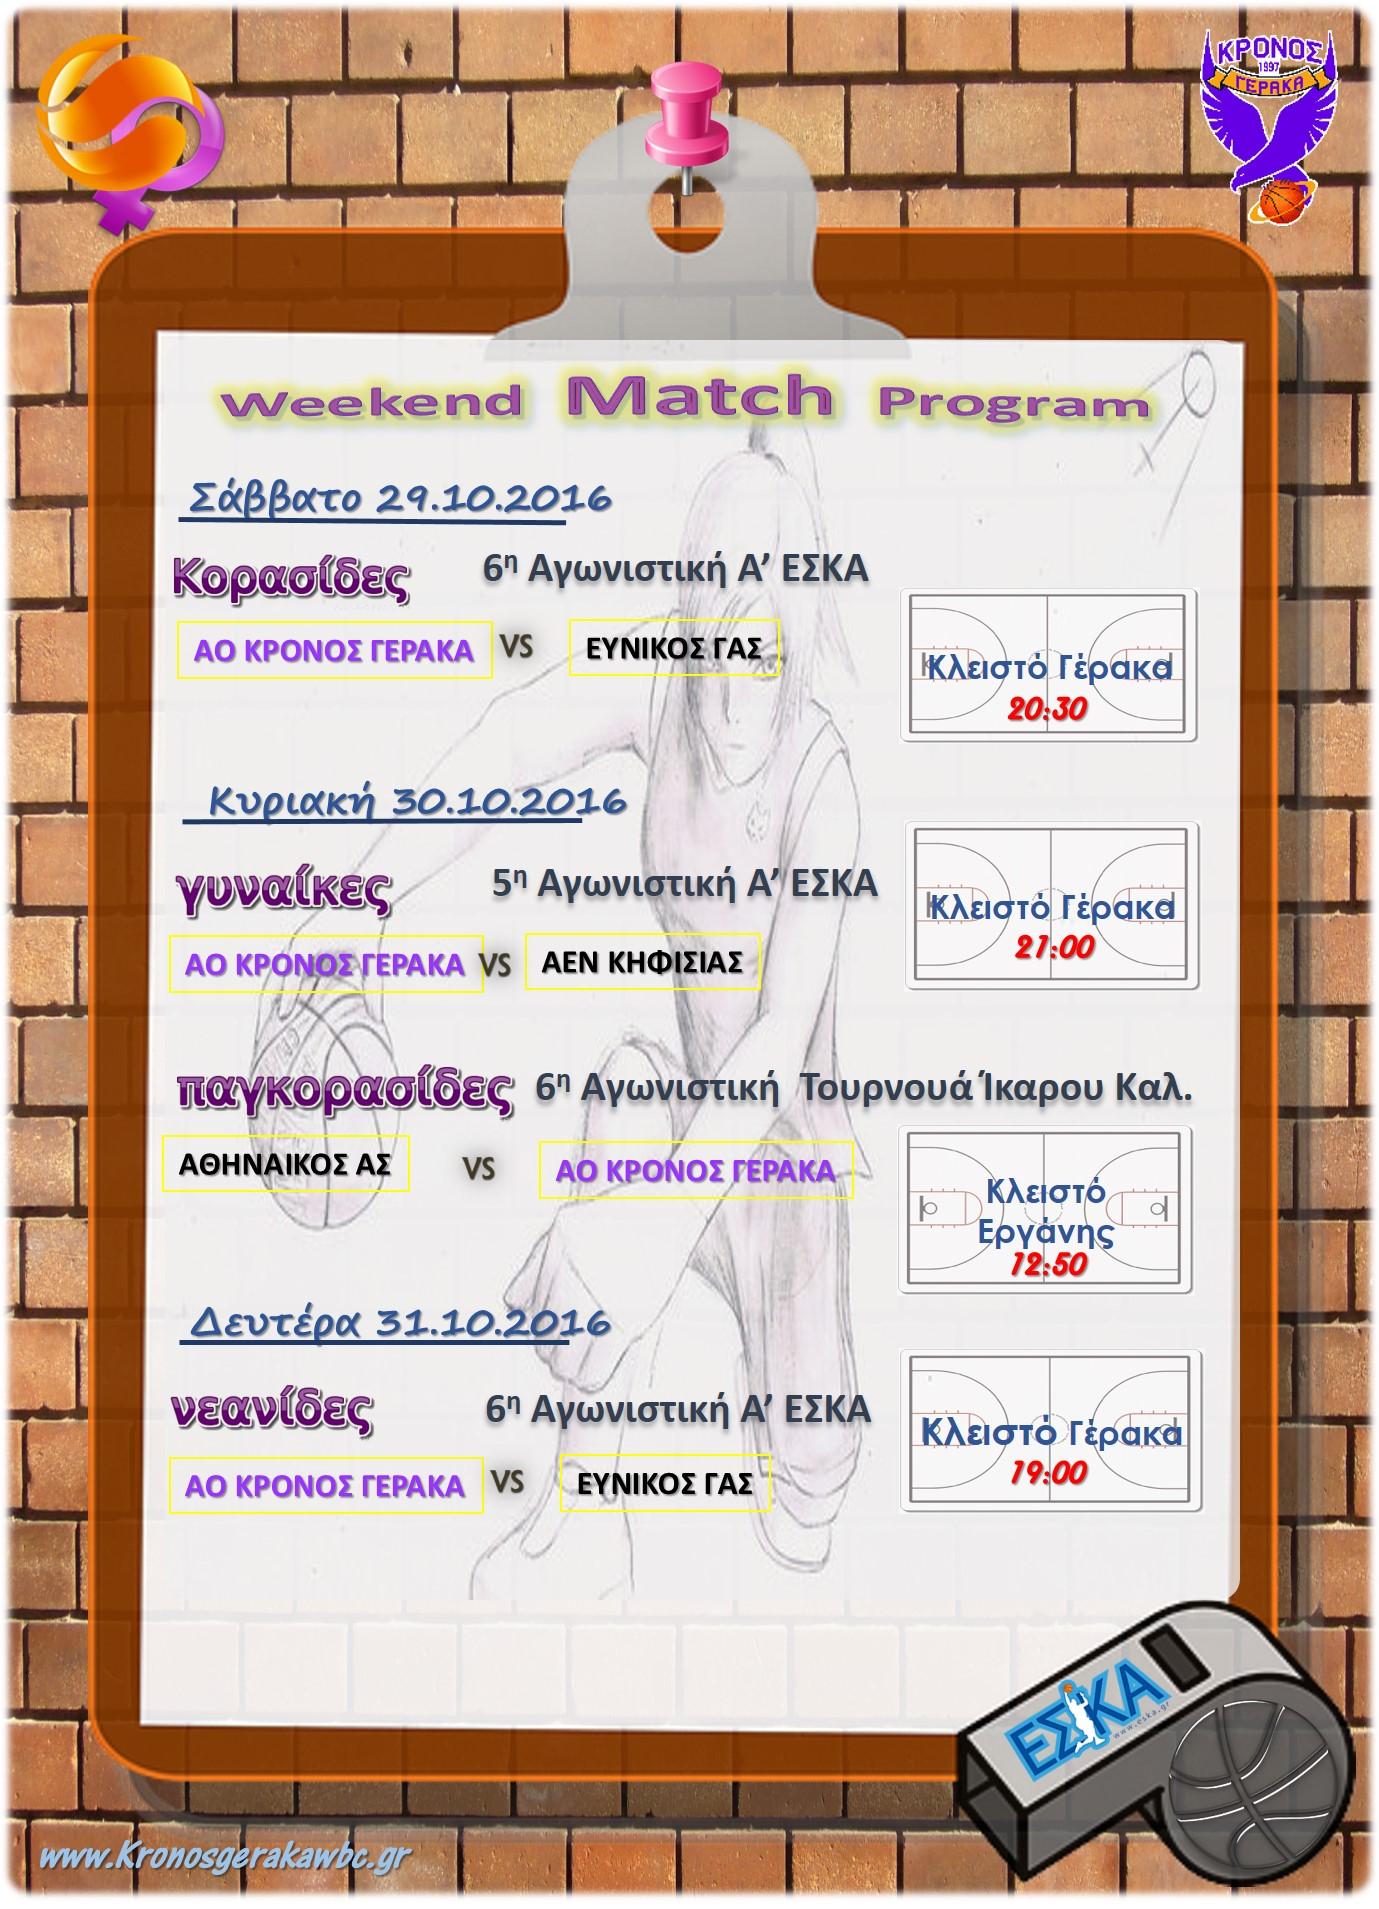 Πρόγραμμα Αγώνων Εβδομάδας 29-31.10.2016